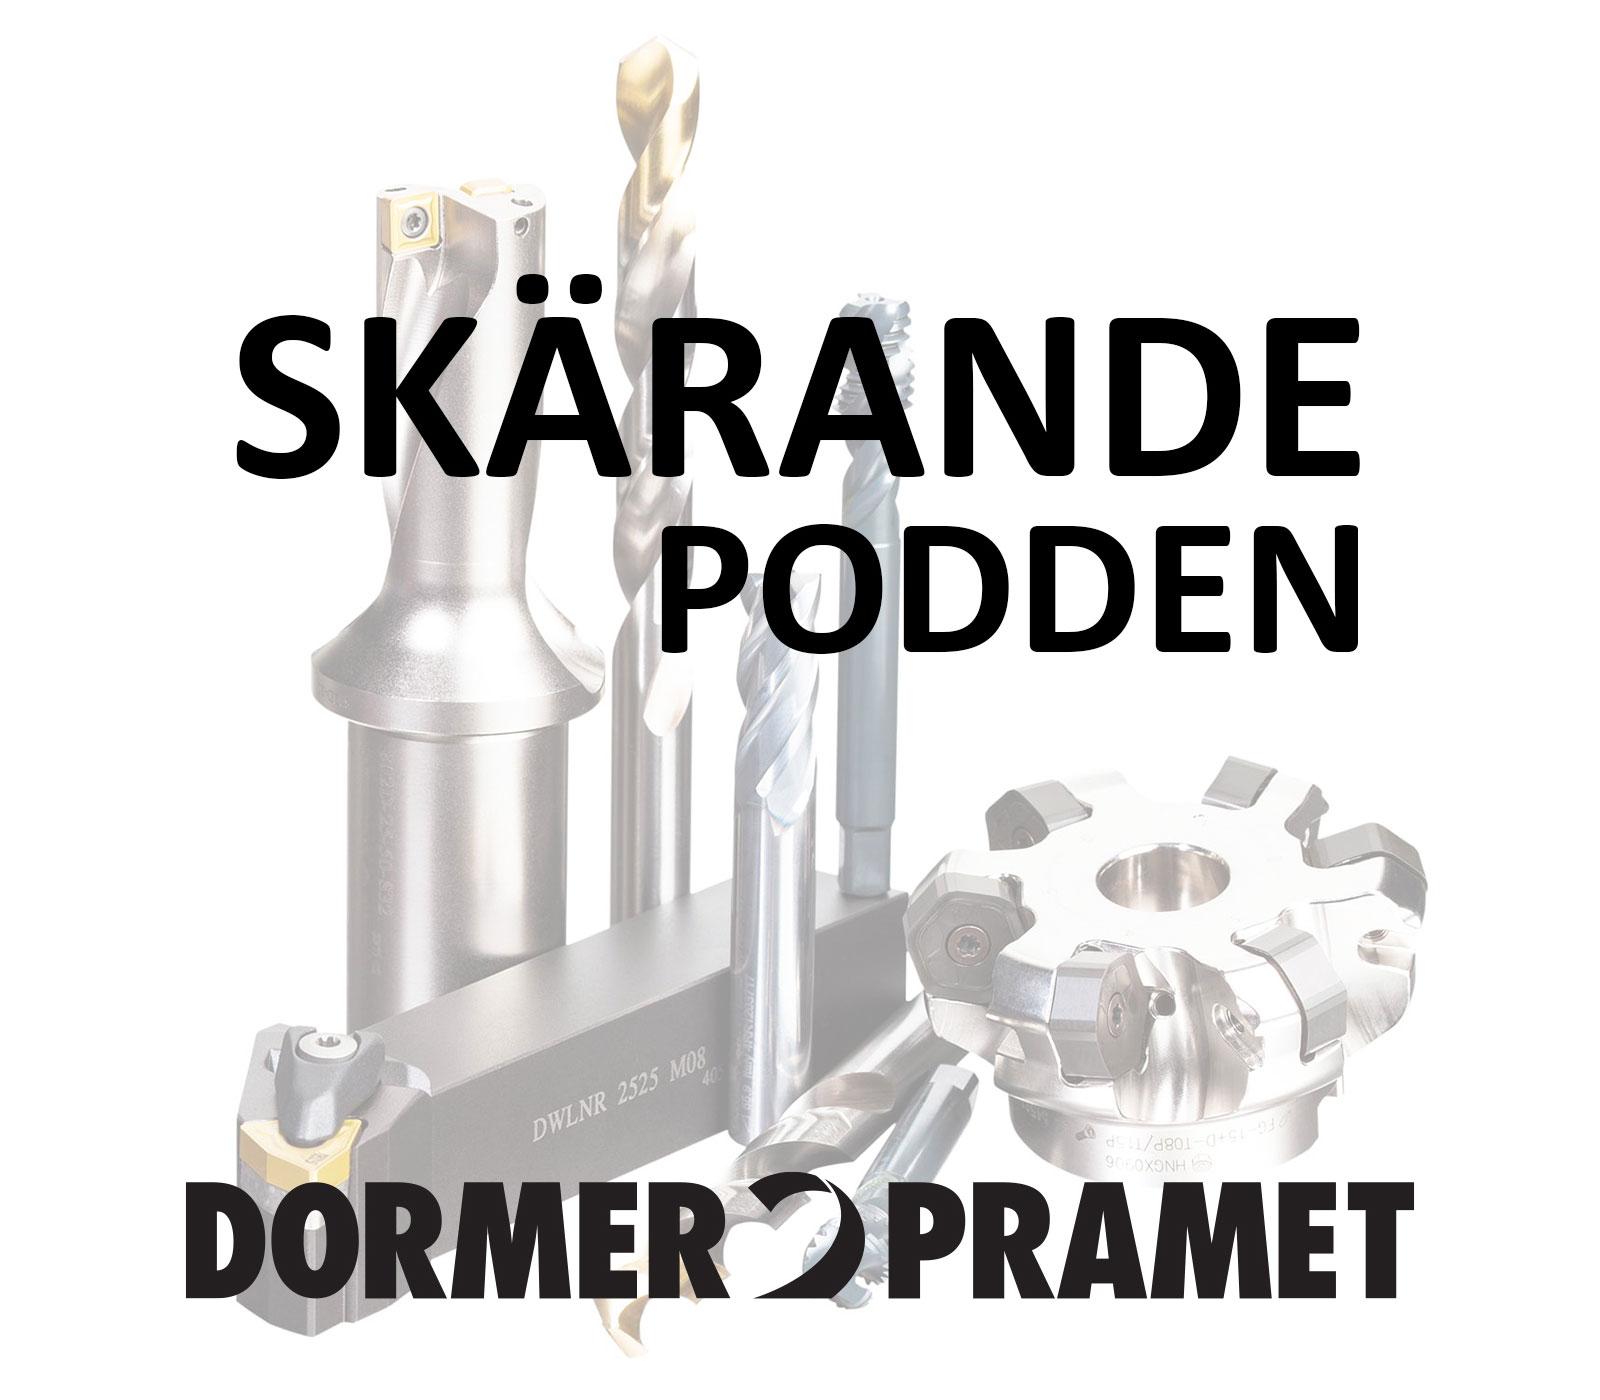 Dormer Pramet lanserar ny podd med inriktning på skärande bearbetning.